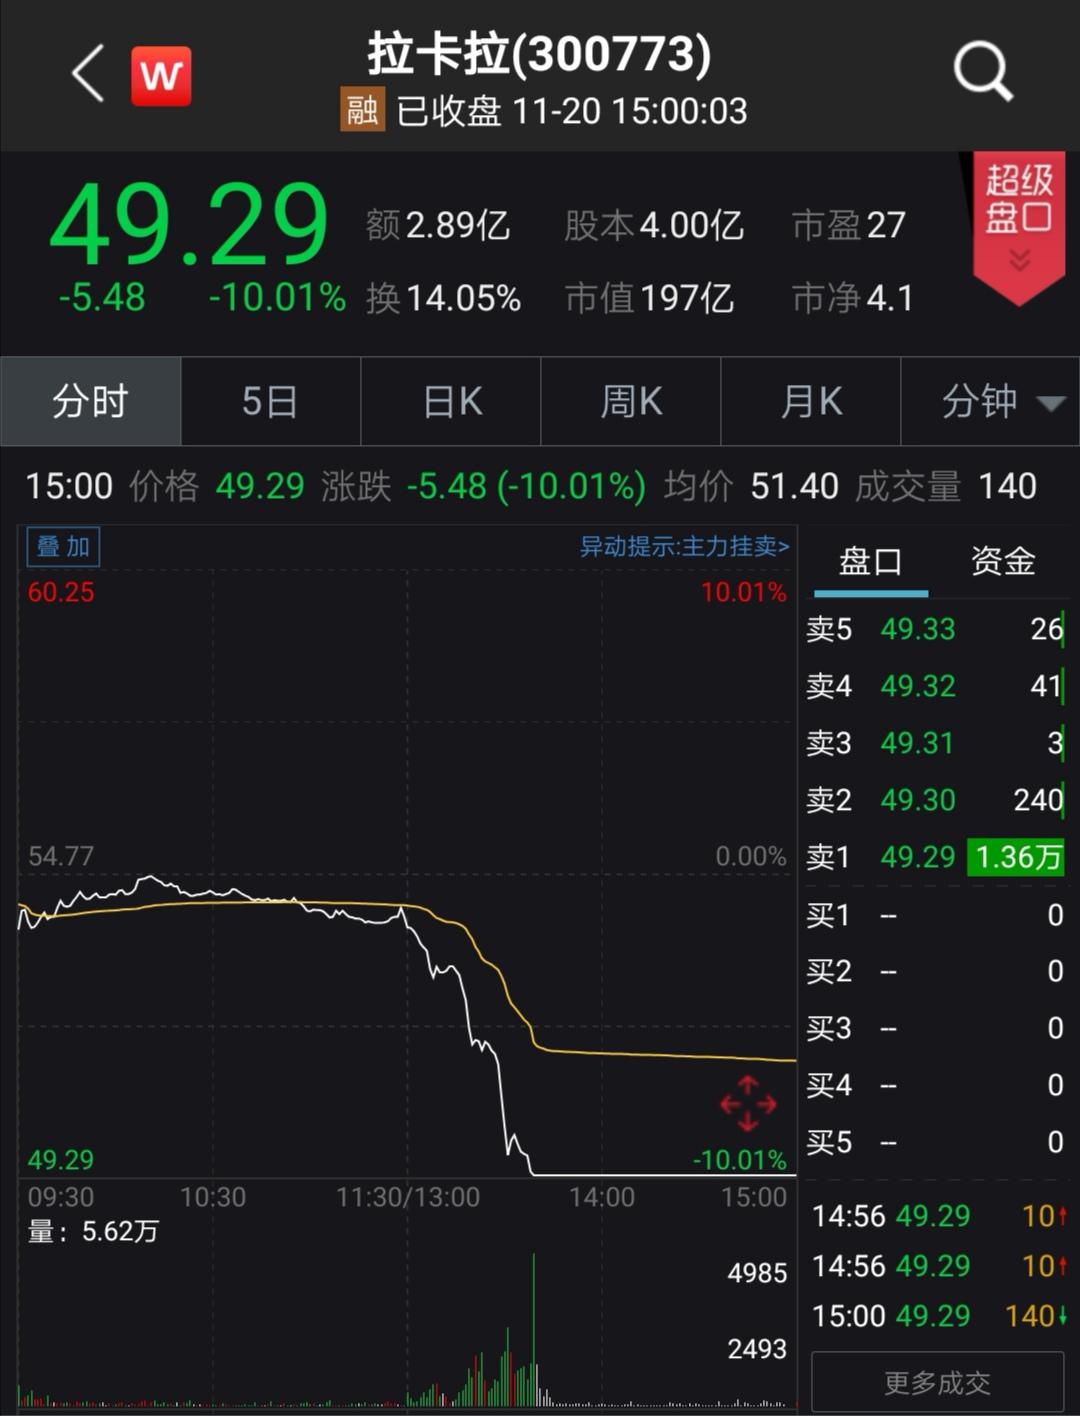 香港新增2例确诊病例累计确诊24例